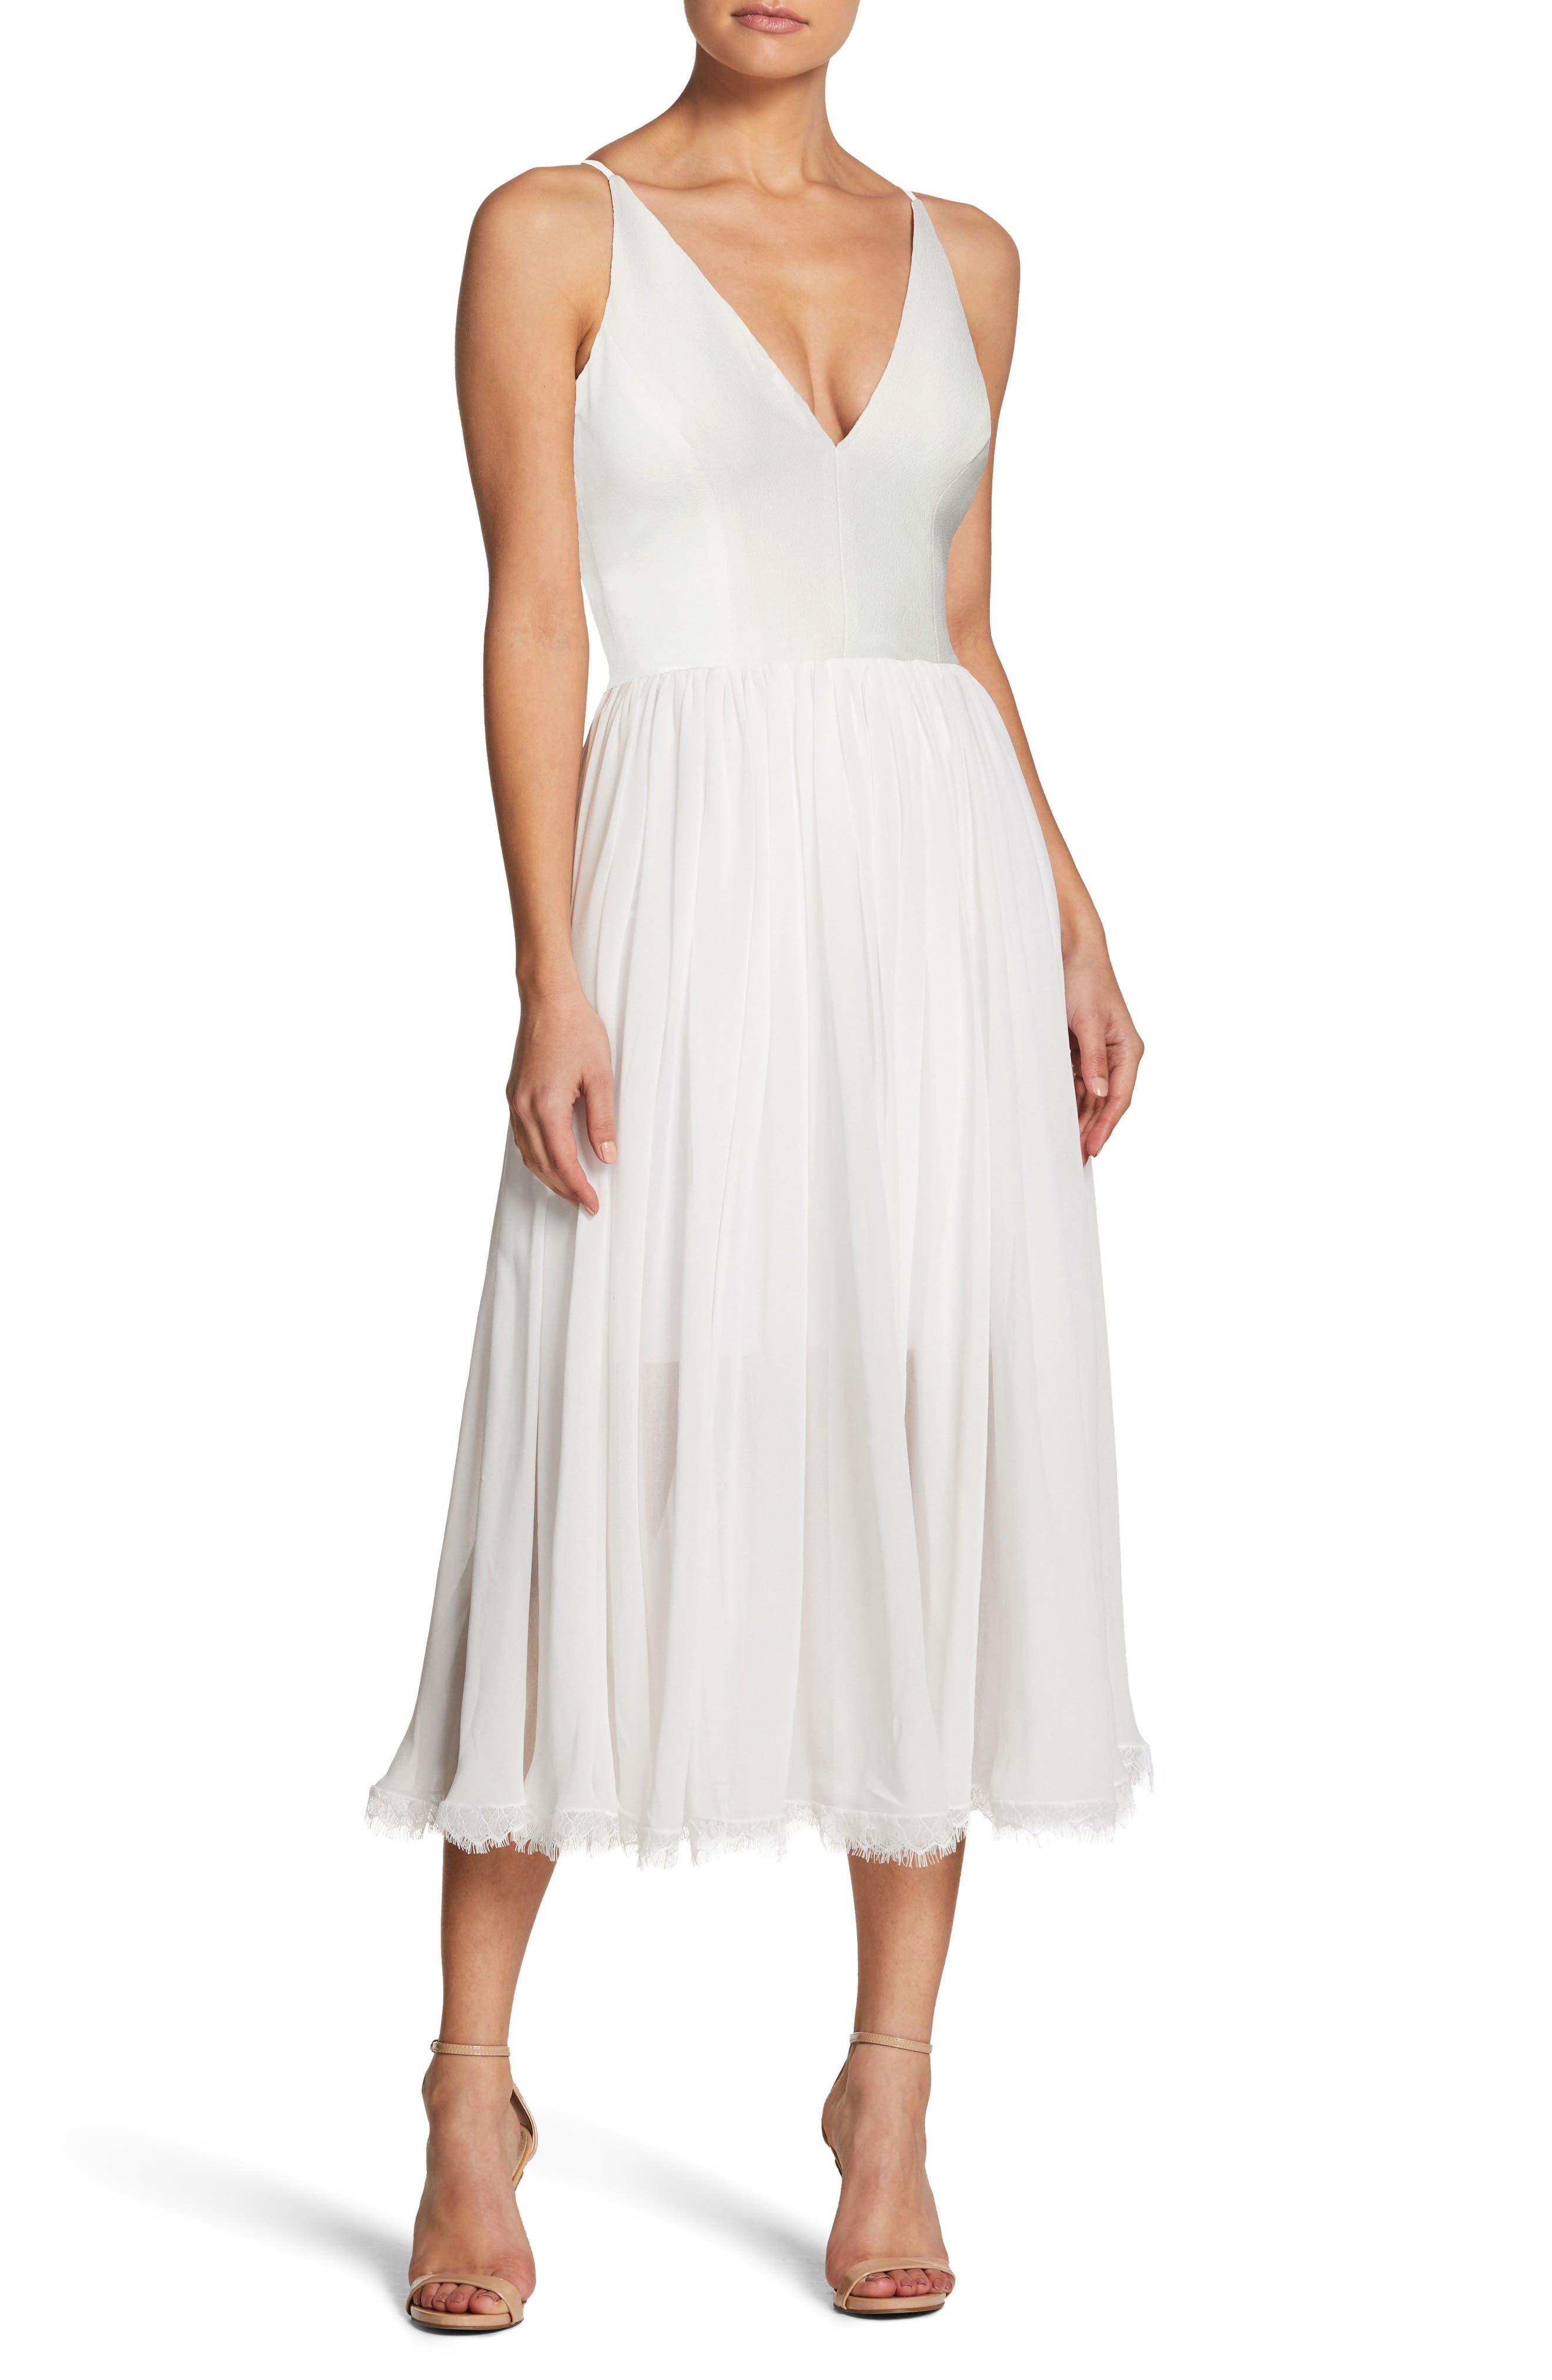 Alicia Mixed Media Midi Dress,                         Main,                         color, OFF WHITE